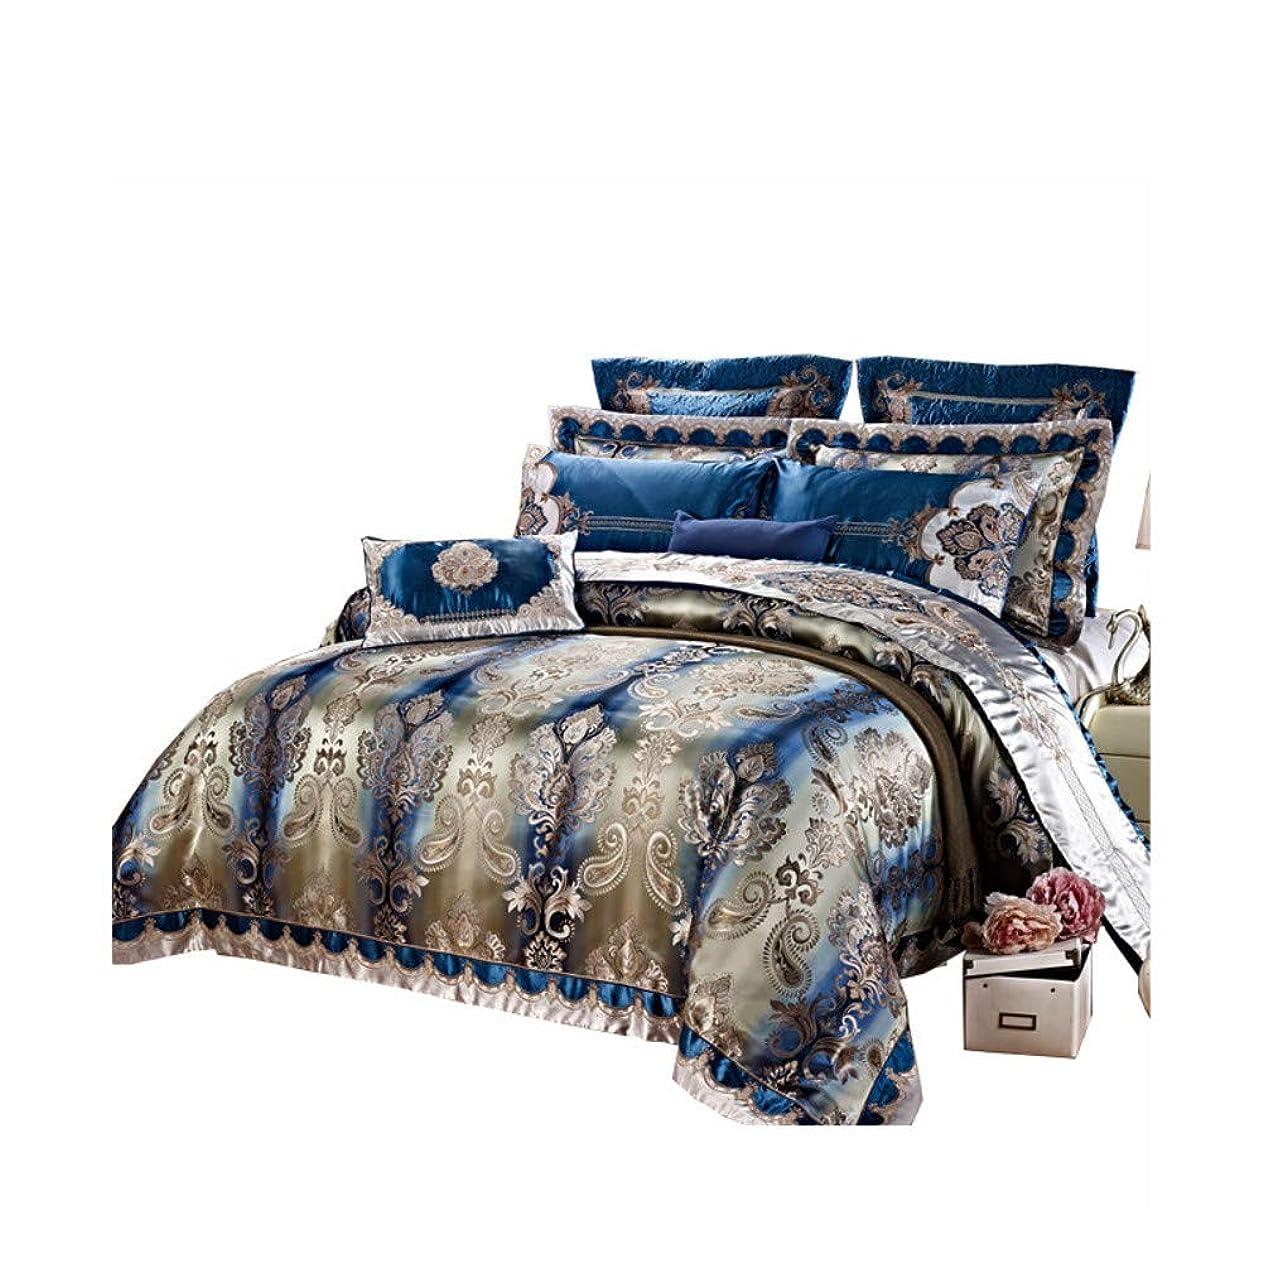 海藻夜明けに反応する羽毛布団カバーセット サテン ジャカード 寝具ベッド, 10% シルク 100% 高級 しわ 耐フェード 寝具セット 流行色 ファッションの色 - 青-A